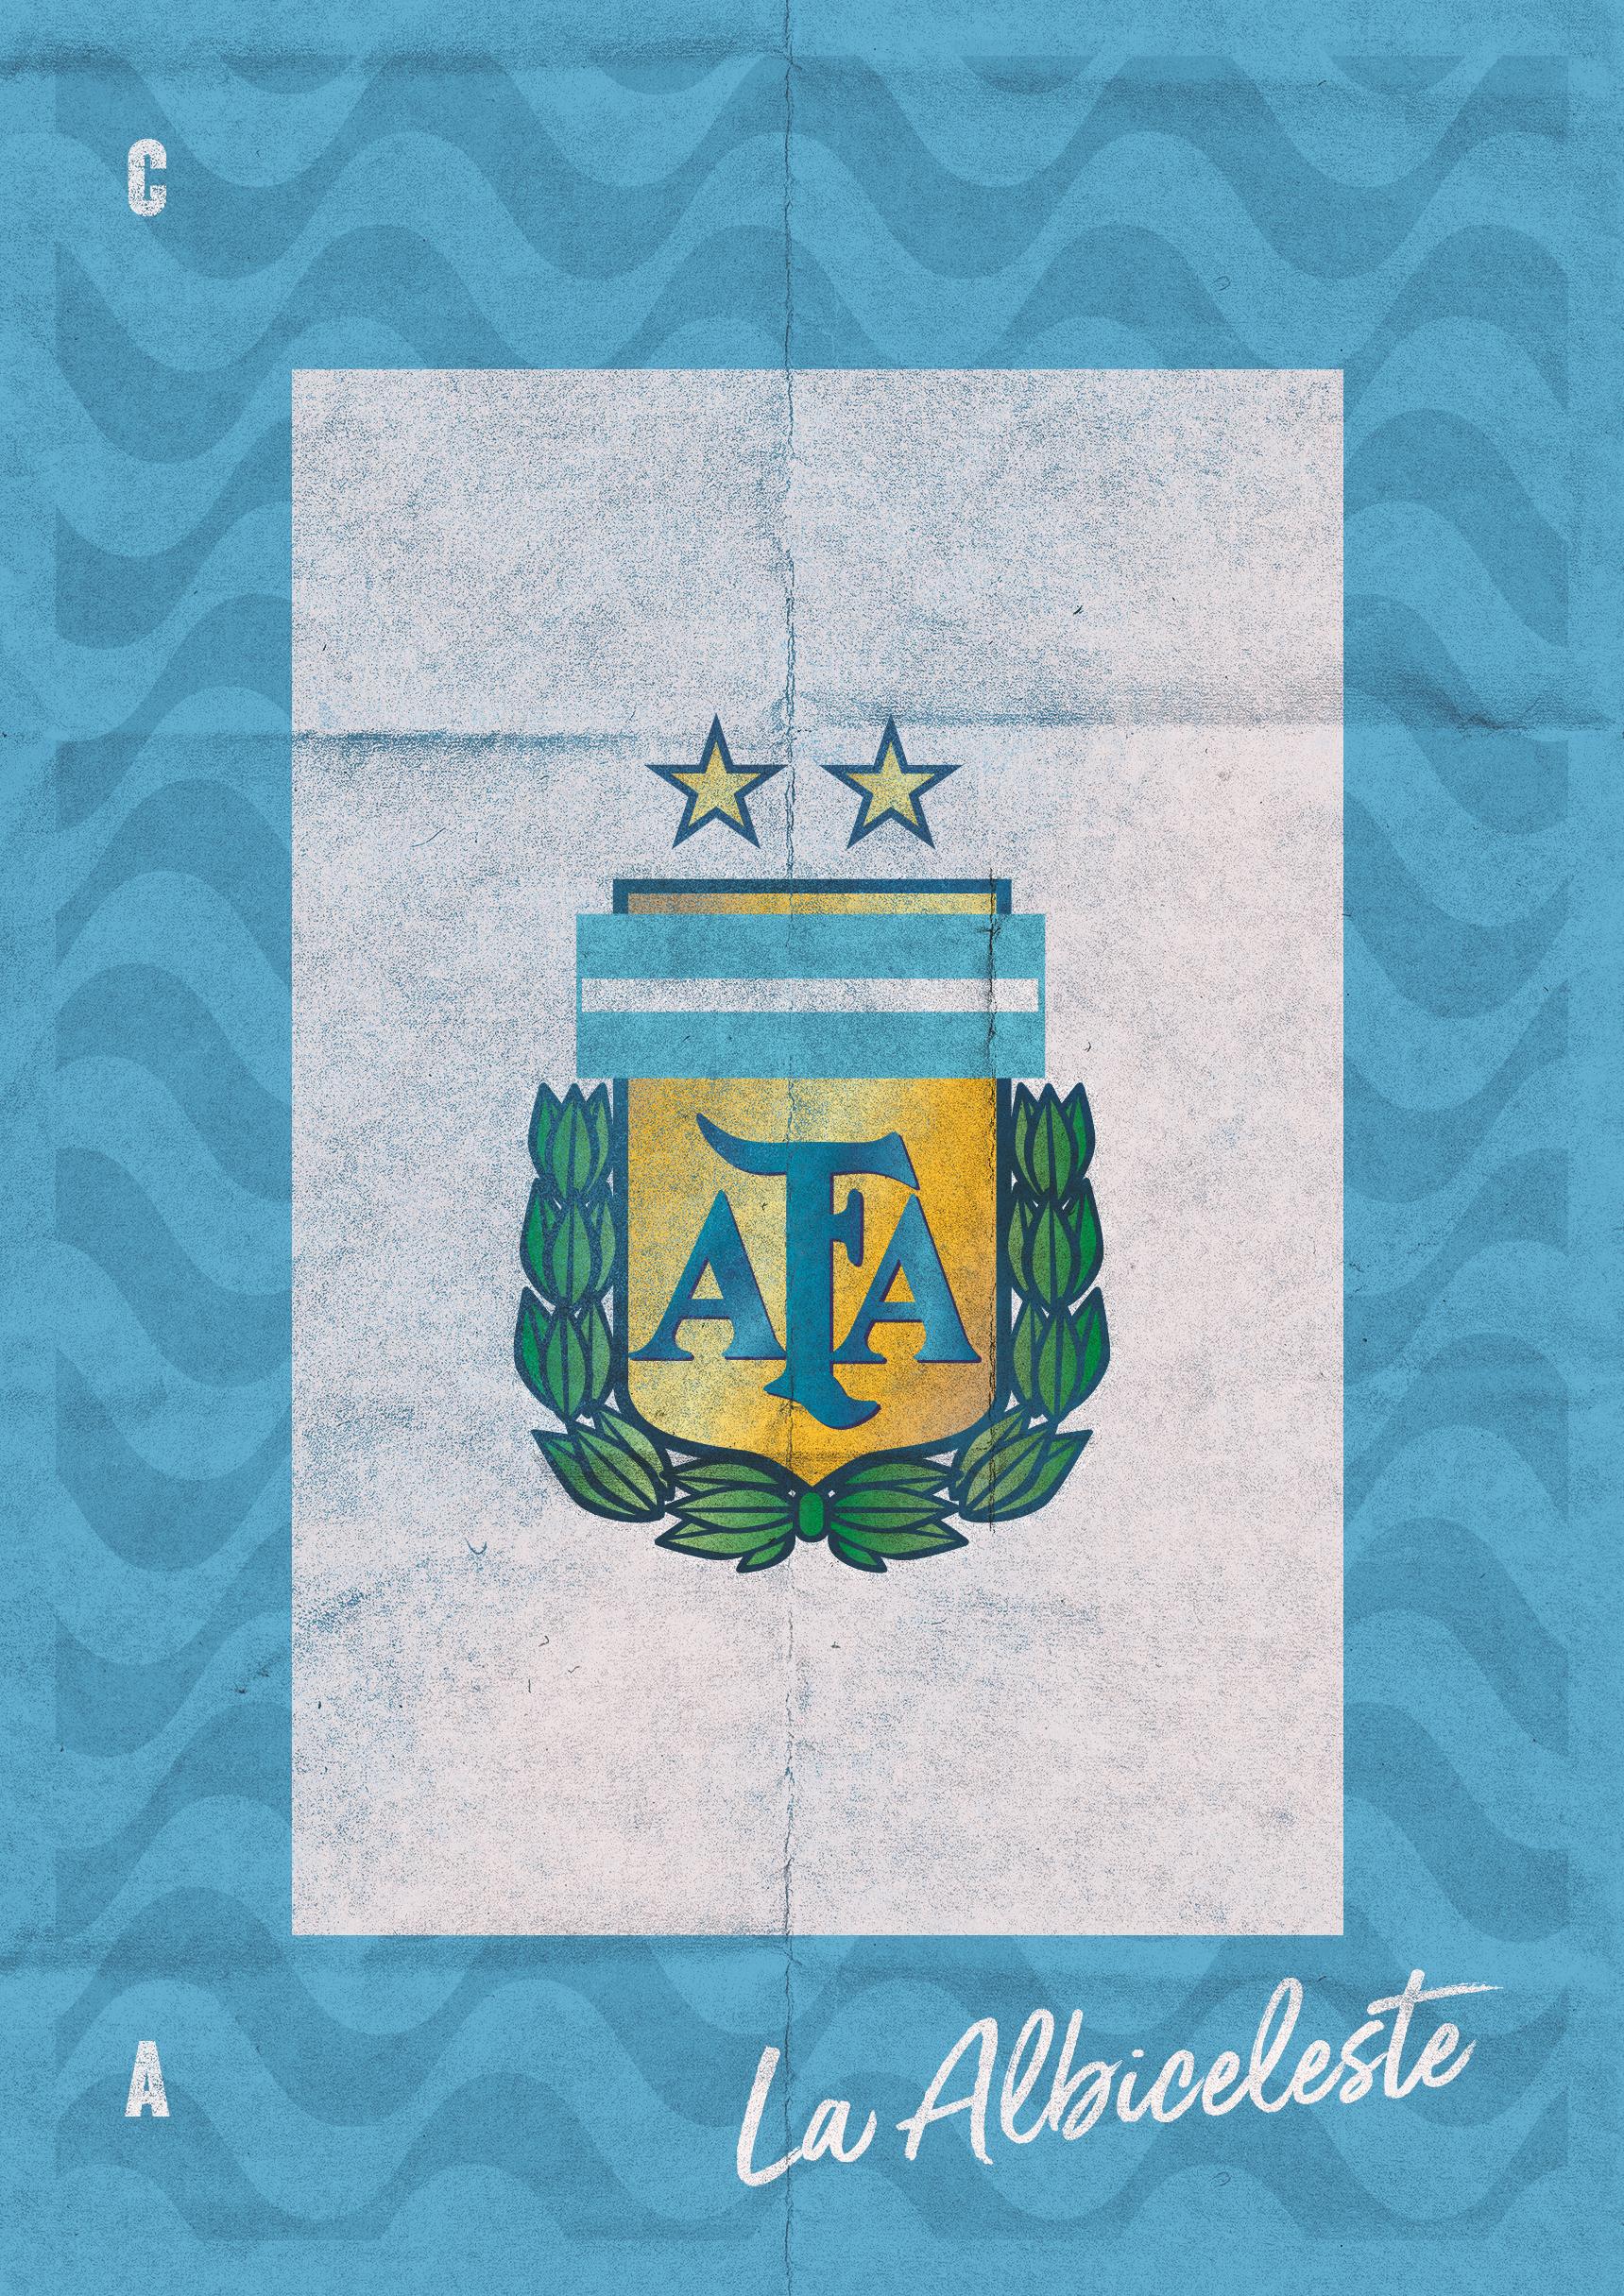 COPA_POSTER_argentina02 copy.jpg